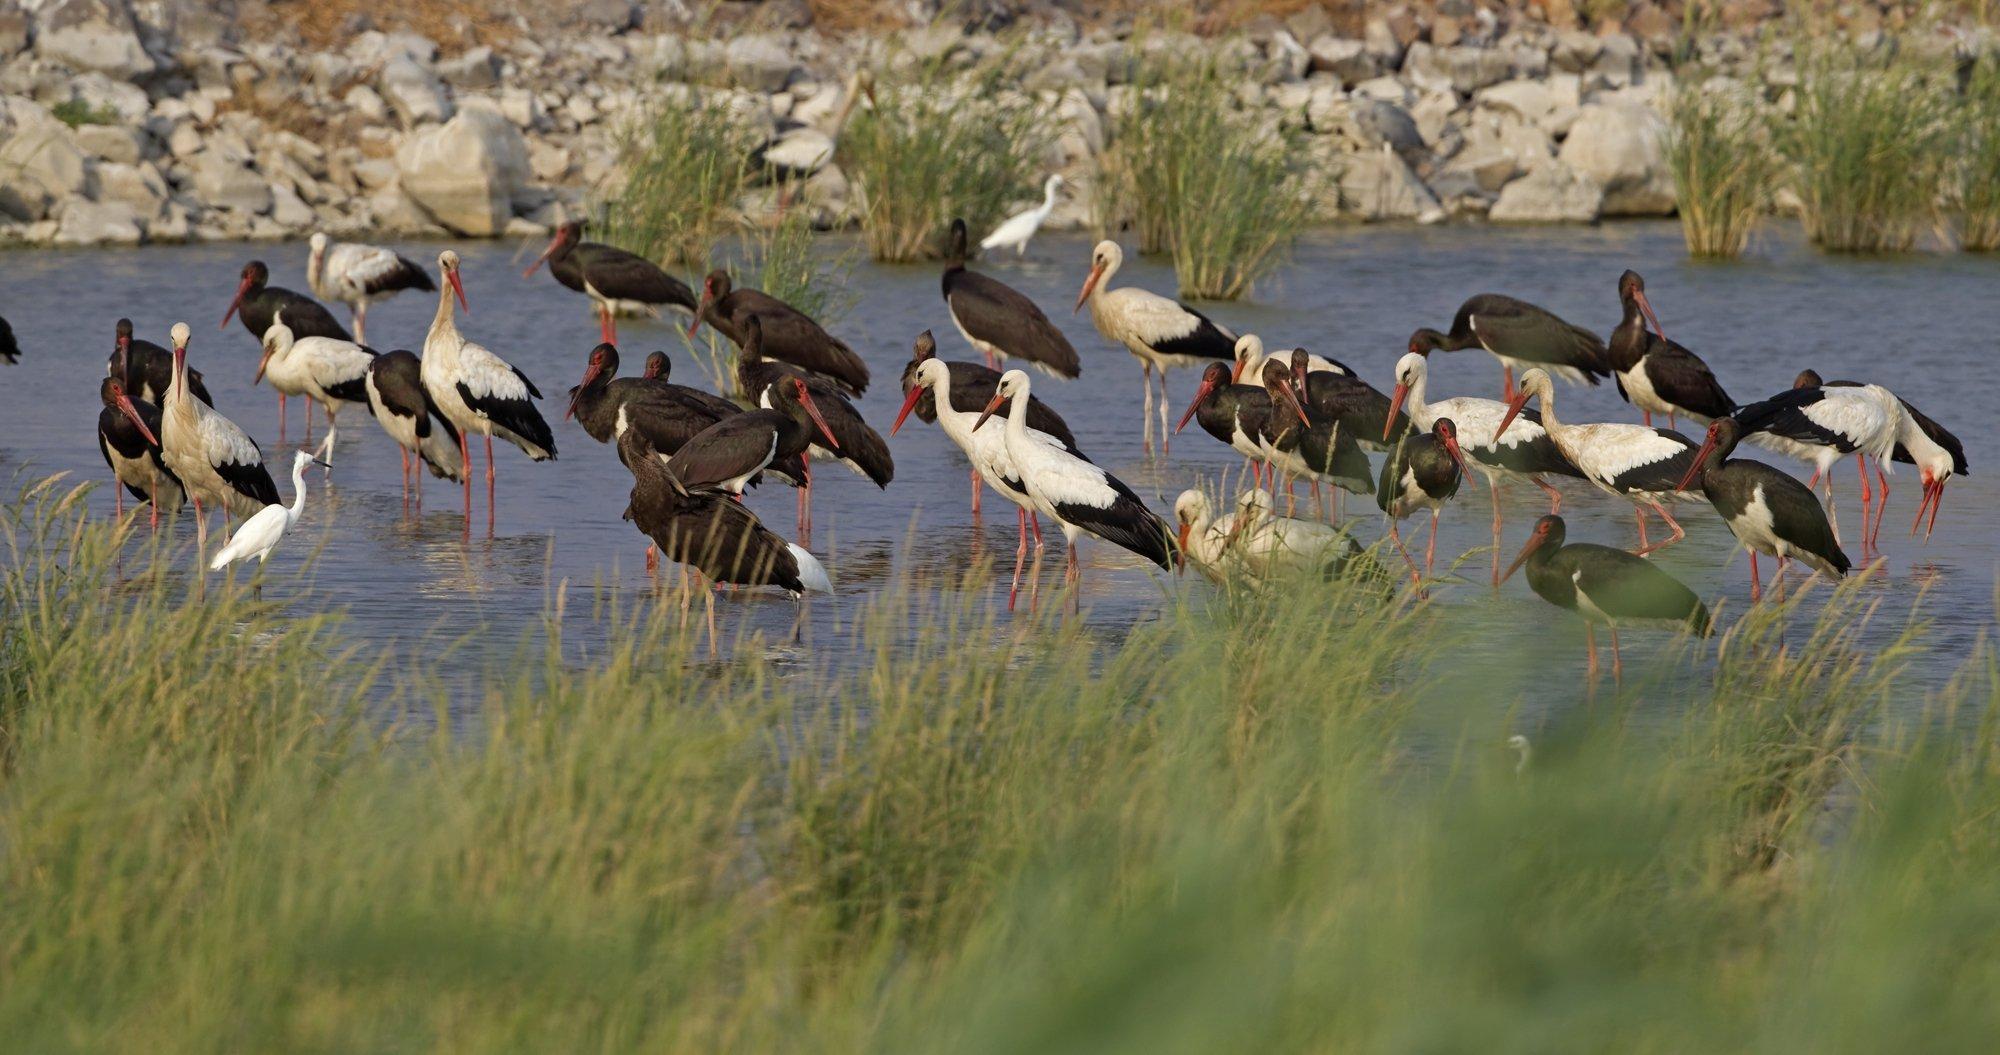 Schwarz- und Weißstörche stehen zusammen an einem Teich in Israel